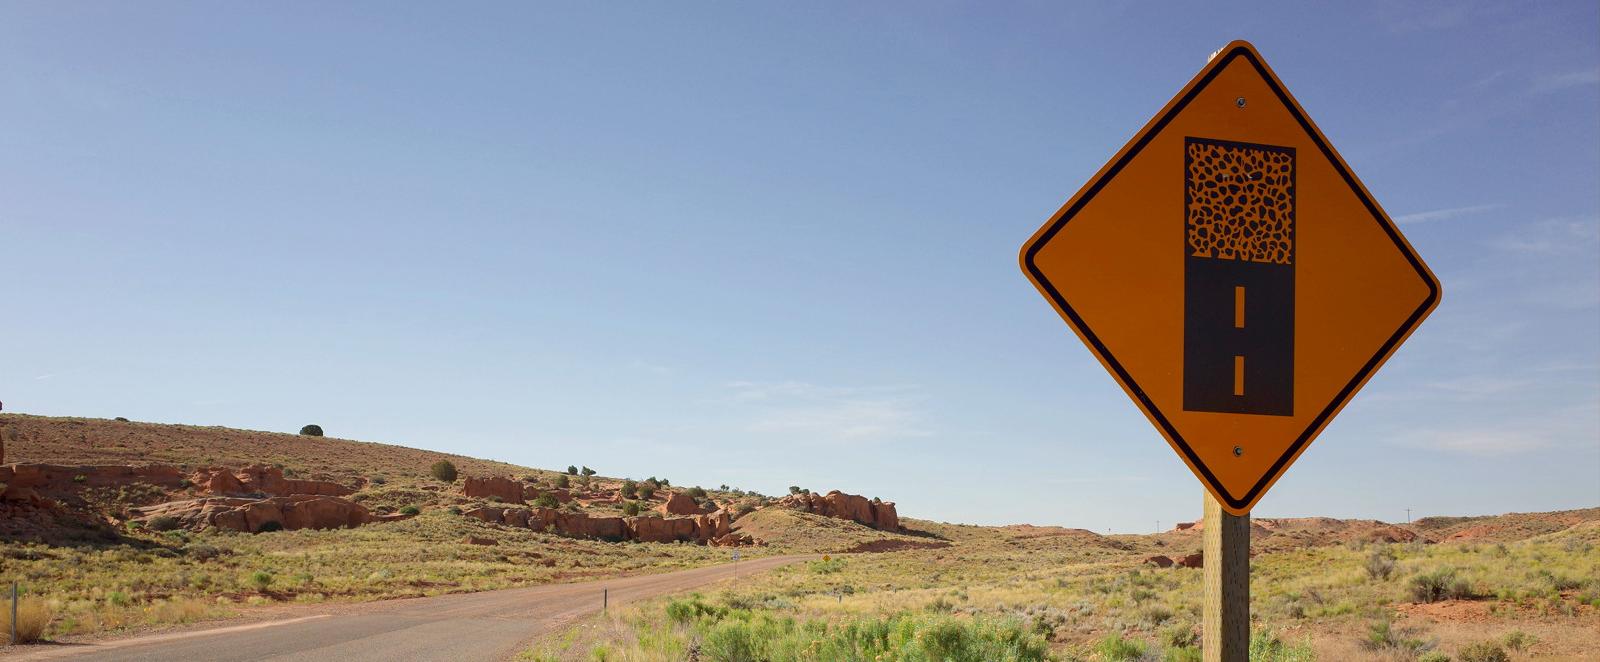 Dirt-Road-Sign-Capitol-Reef-National-Park-Utah Utah Dust Control